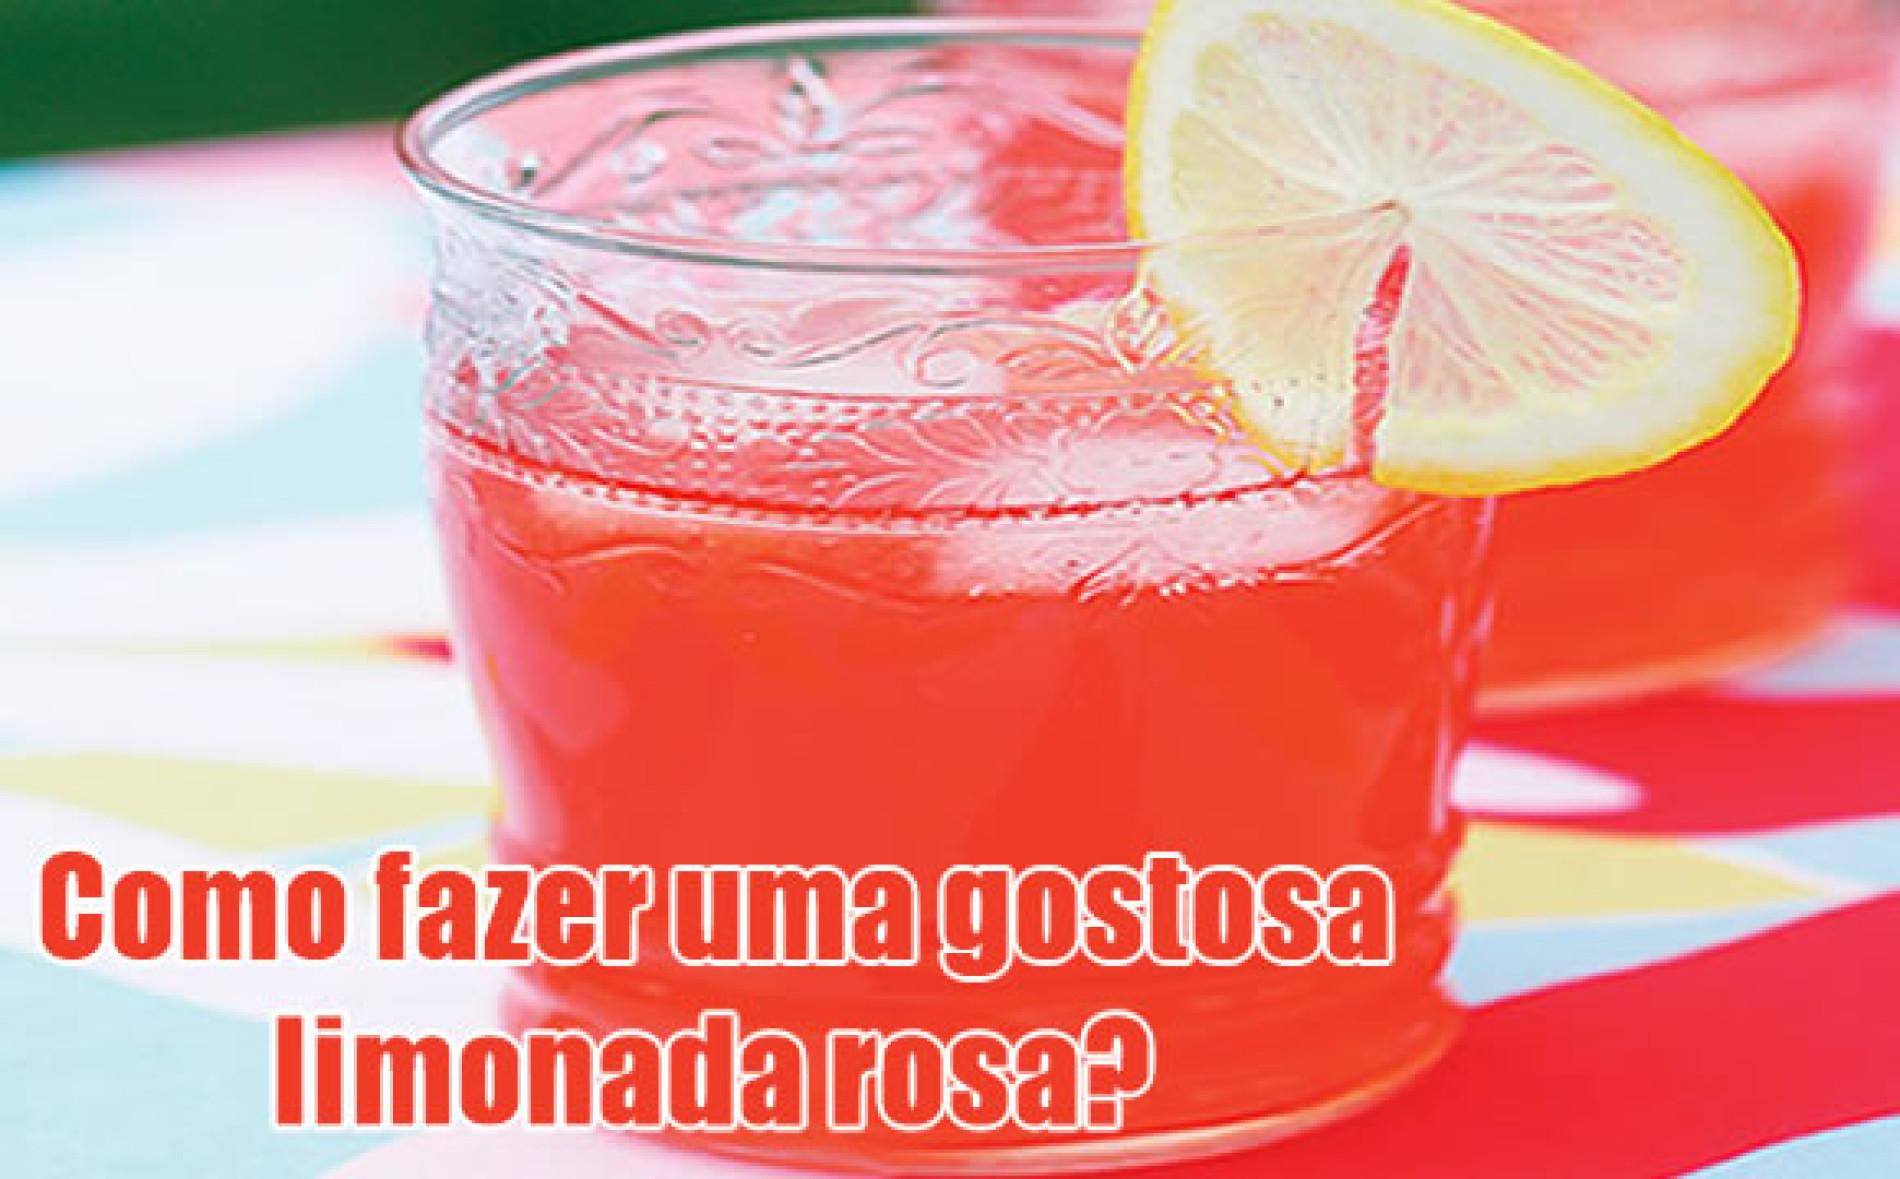 Como fazer a limonada rosa (pink lemonade)